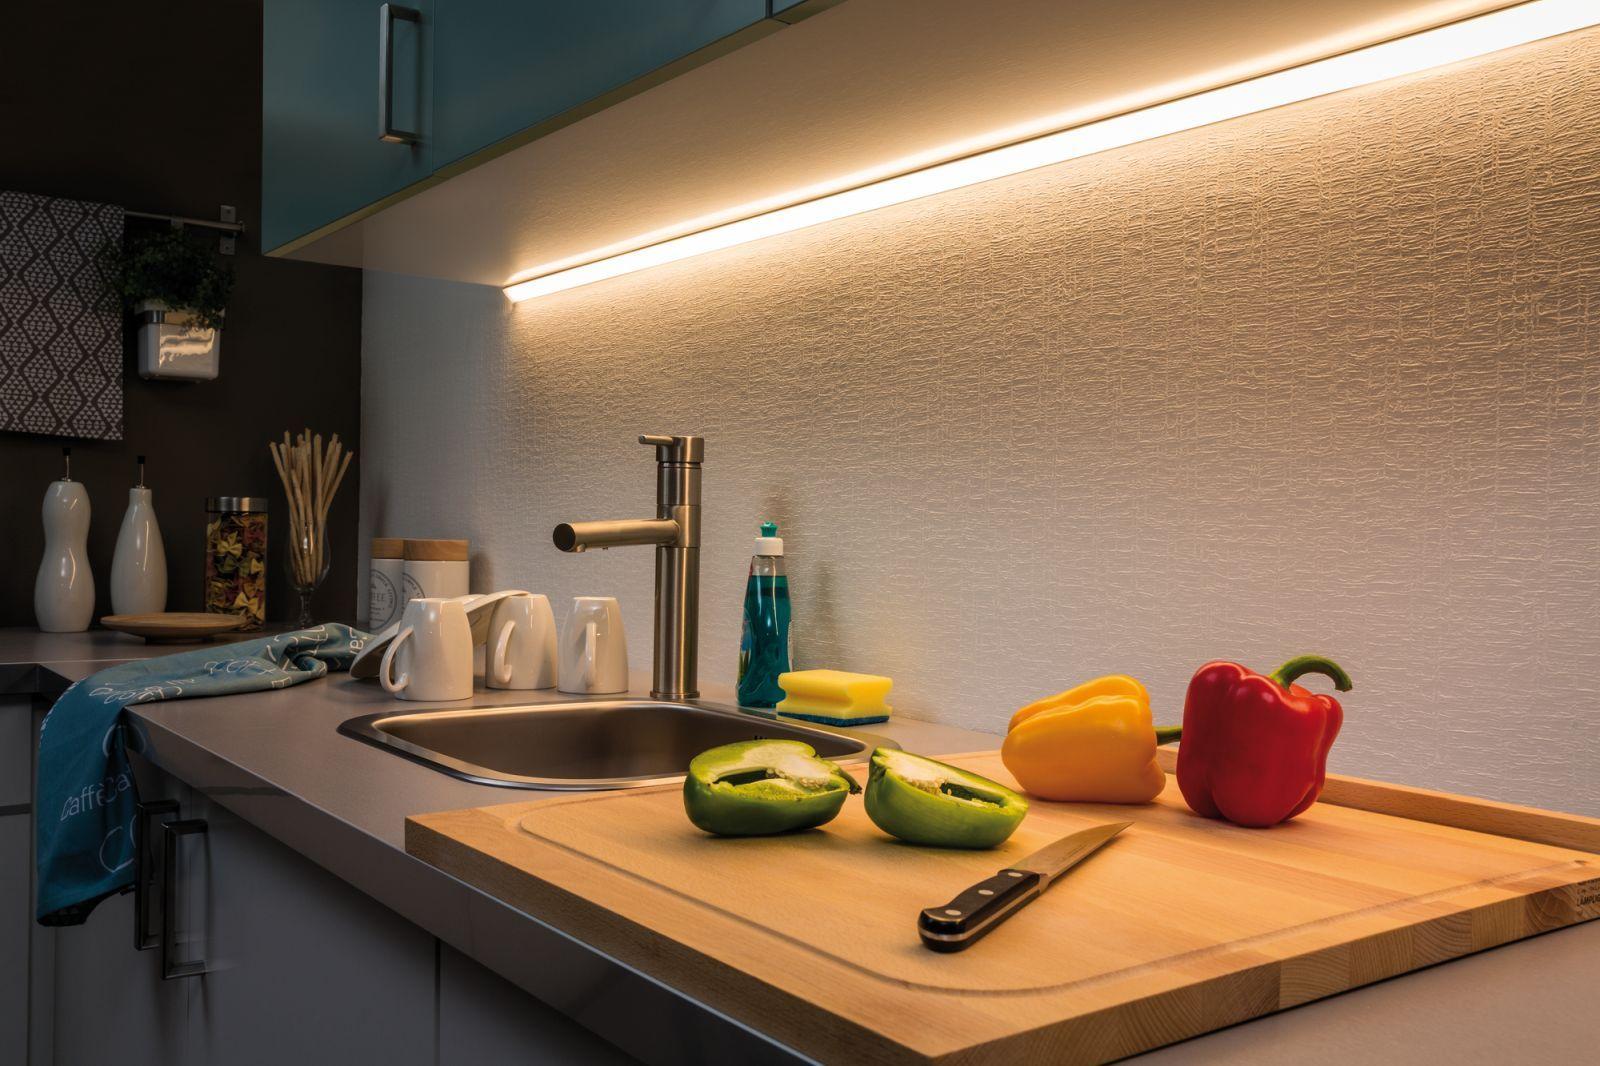 Leuchte Deine Küche perfekt aus! So hast Du immer genau das richtige ...